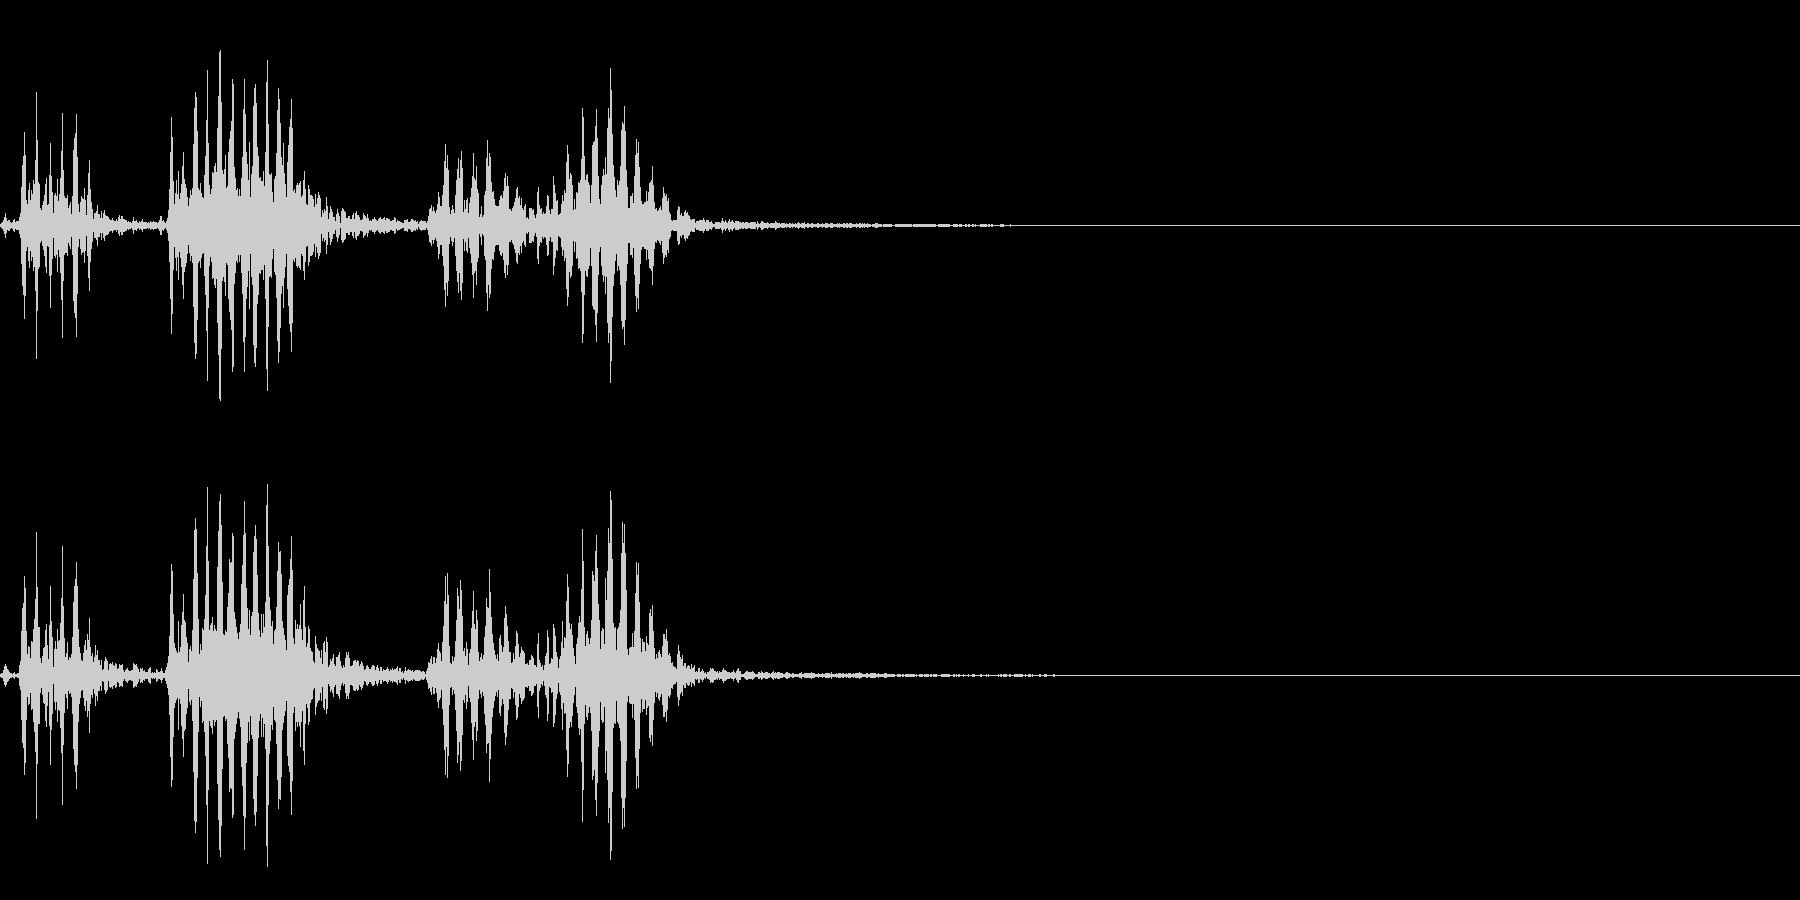 【生録音】フラミンゴの鳴き声 21の未再生の波形